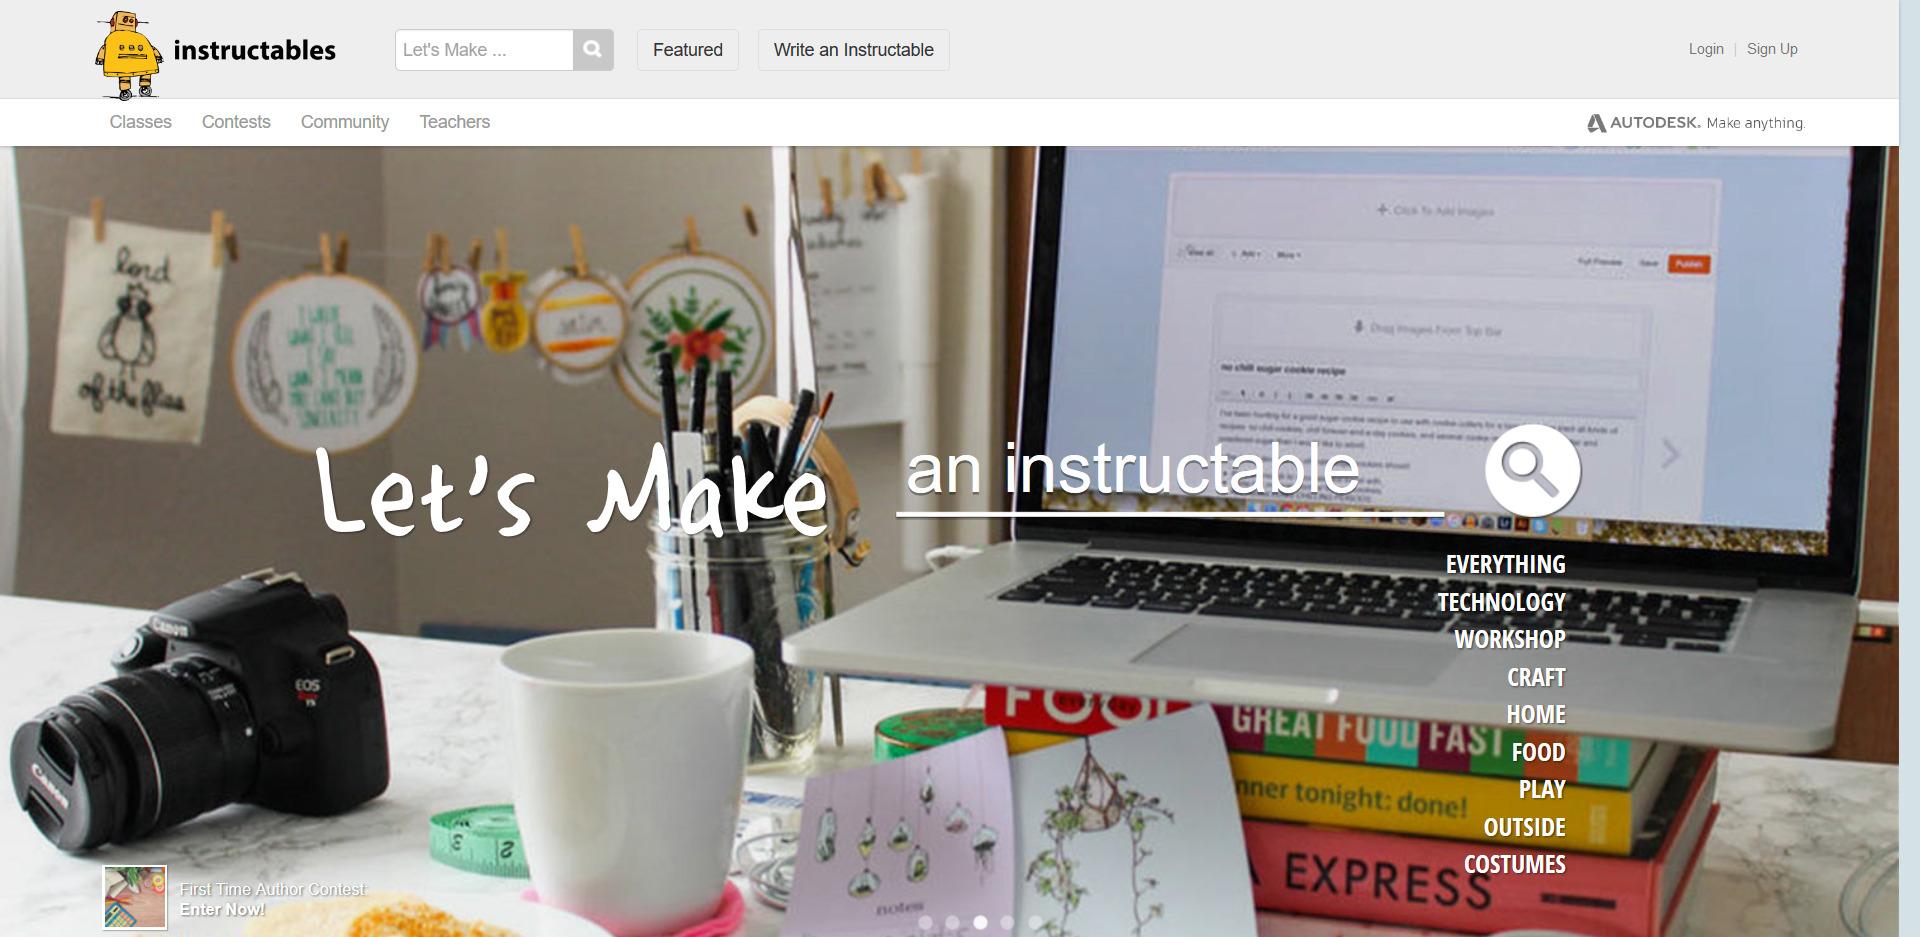 Startseite der Instructables 3D Drucker Vorlagen Seite